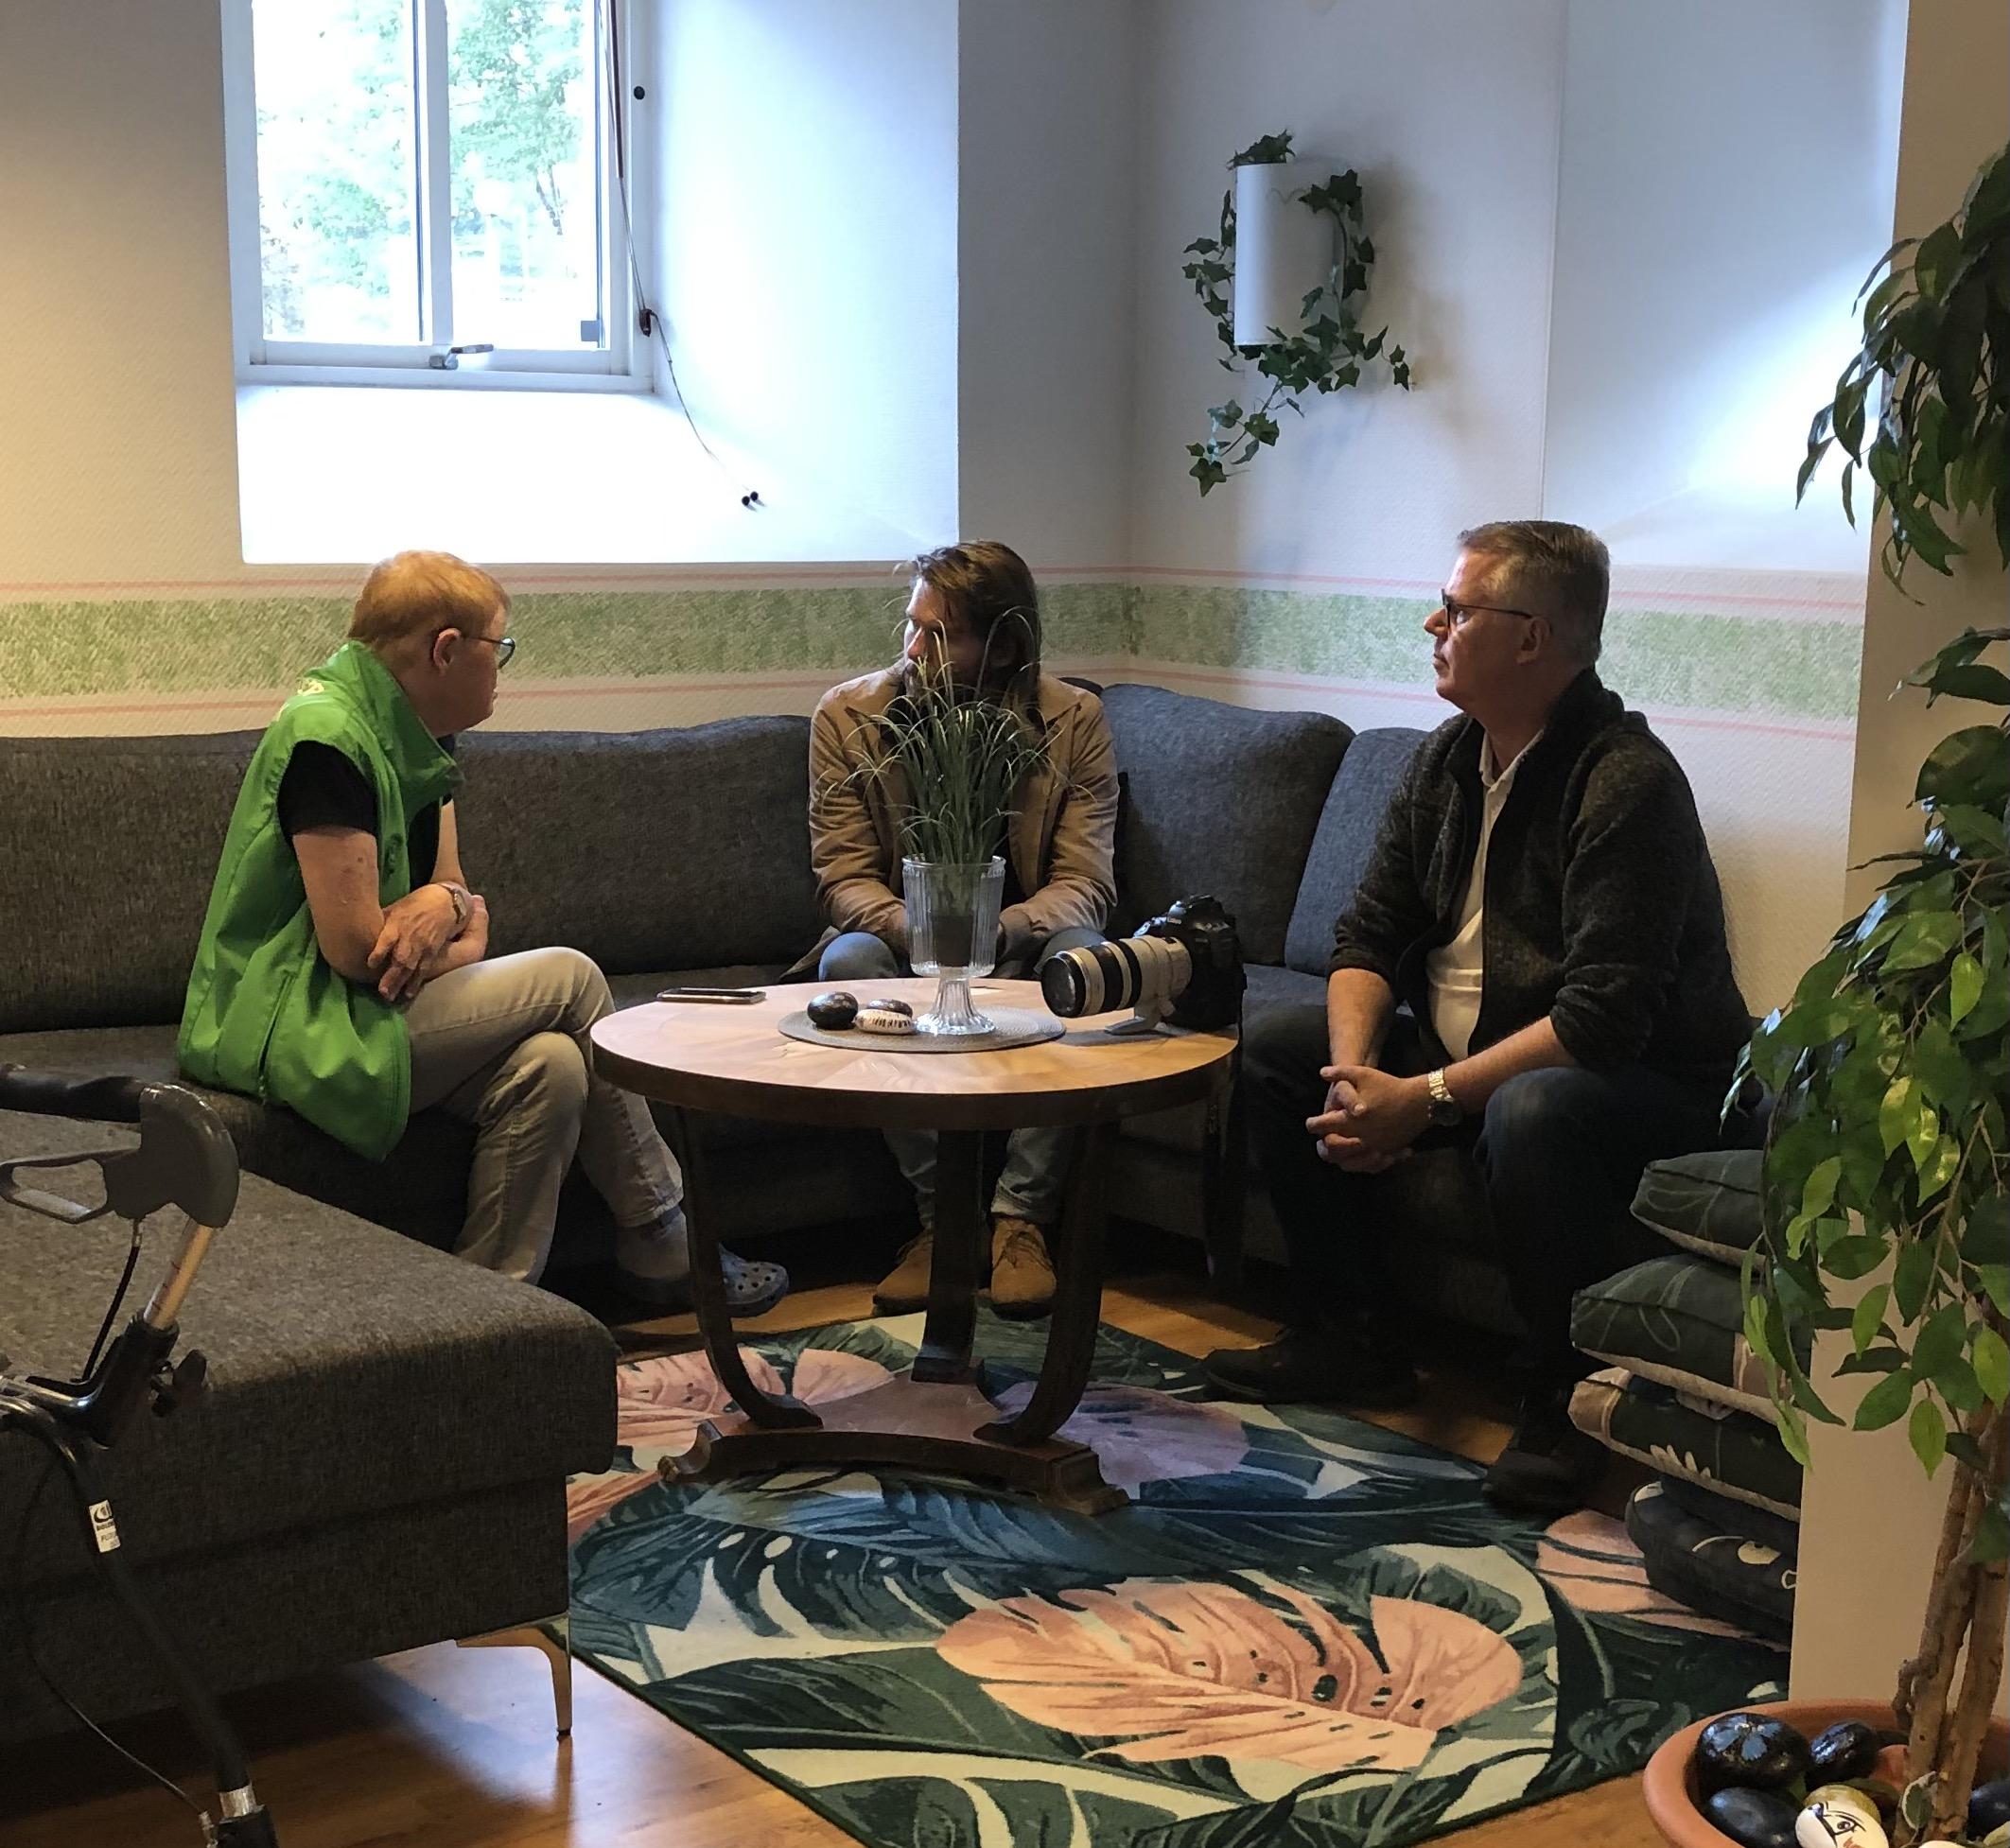 Borås tidning intervjuar Elisabeth Broberg efter utmärkelsen som Årets Inre Ringen-aktivist